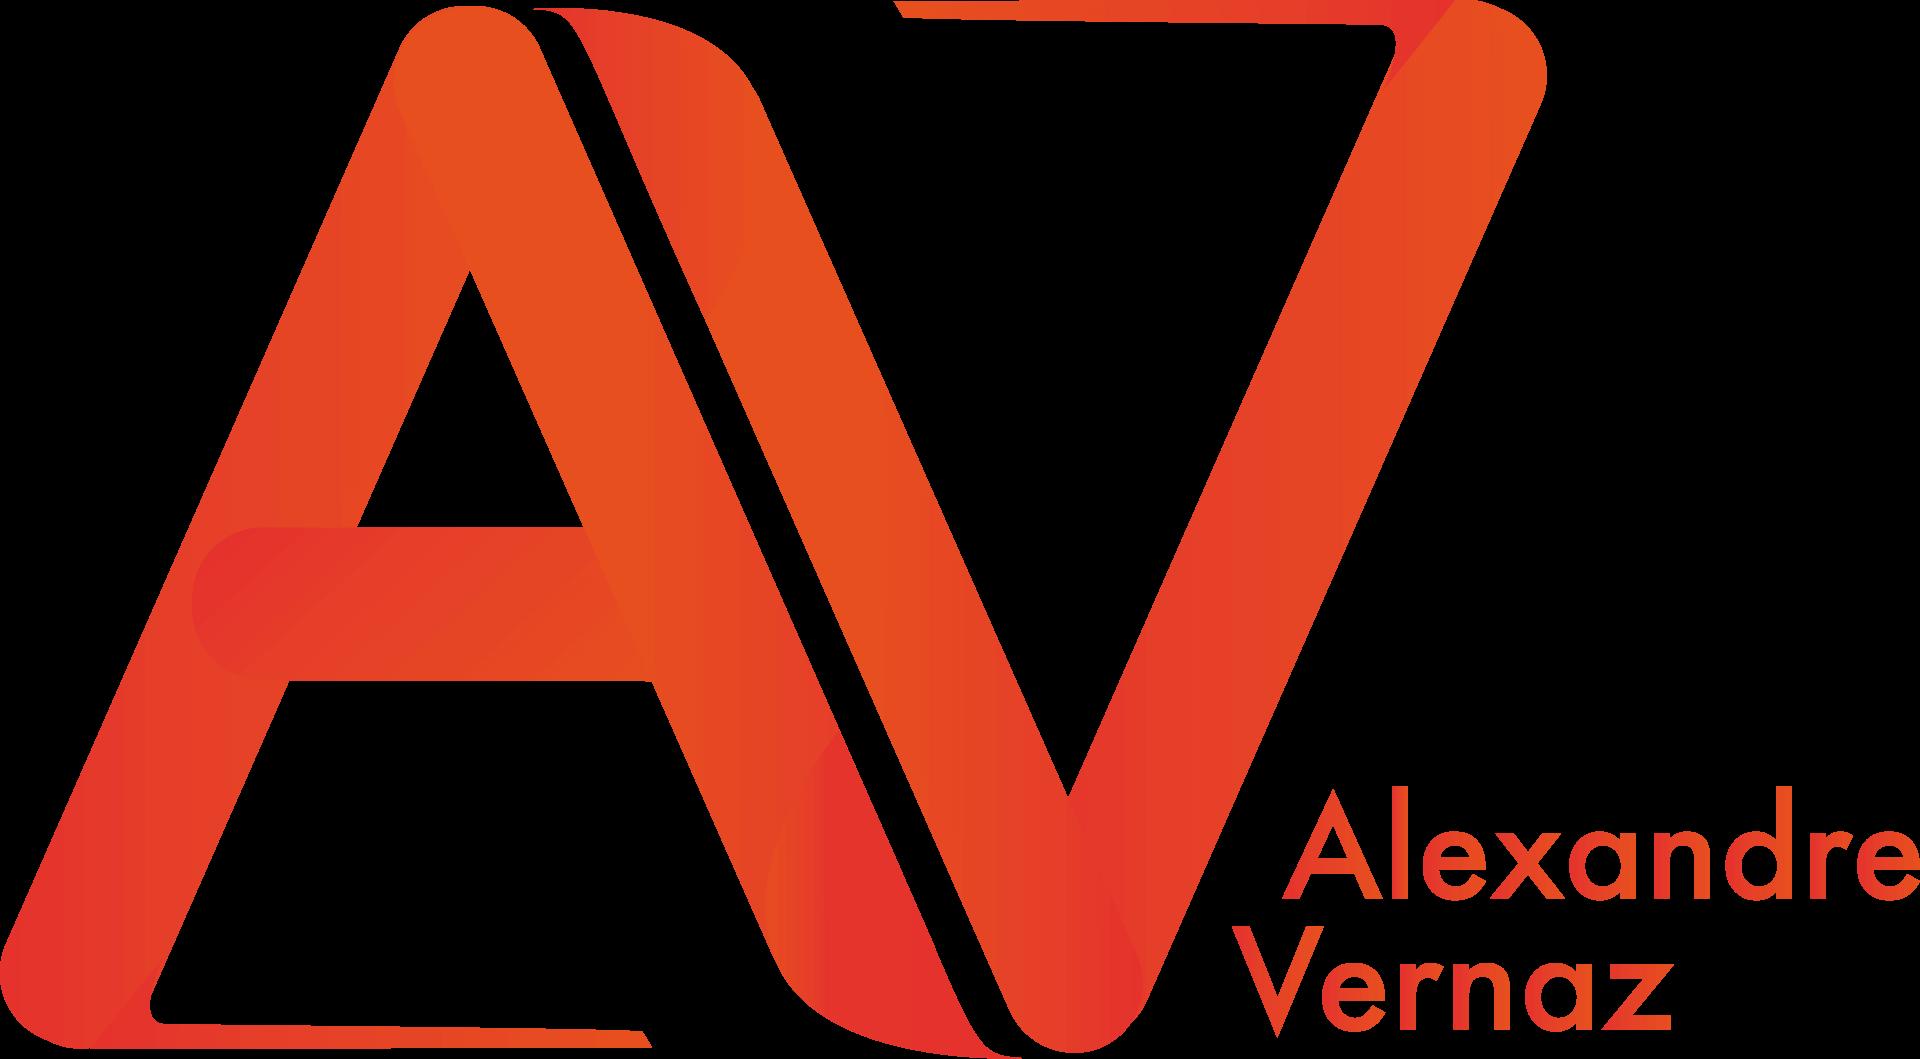 Alexandre VERNAZ